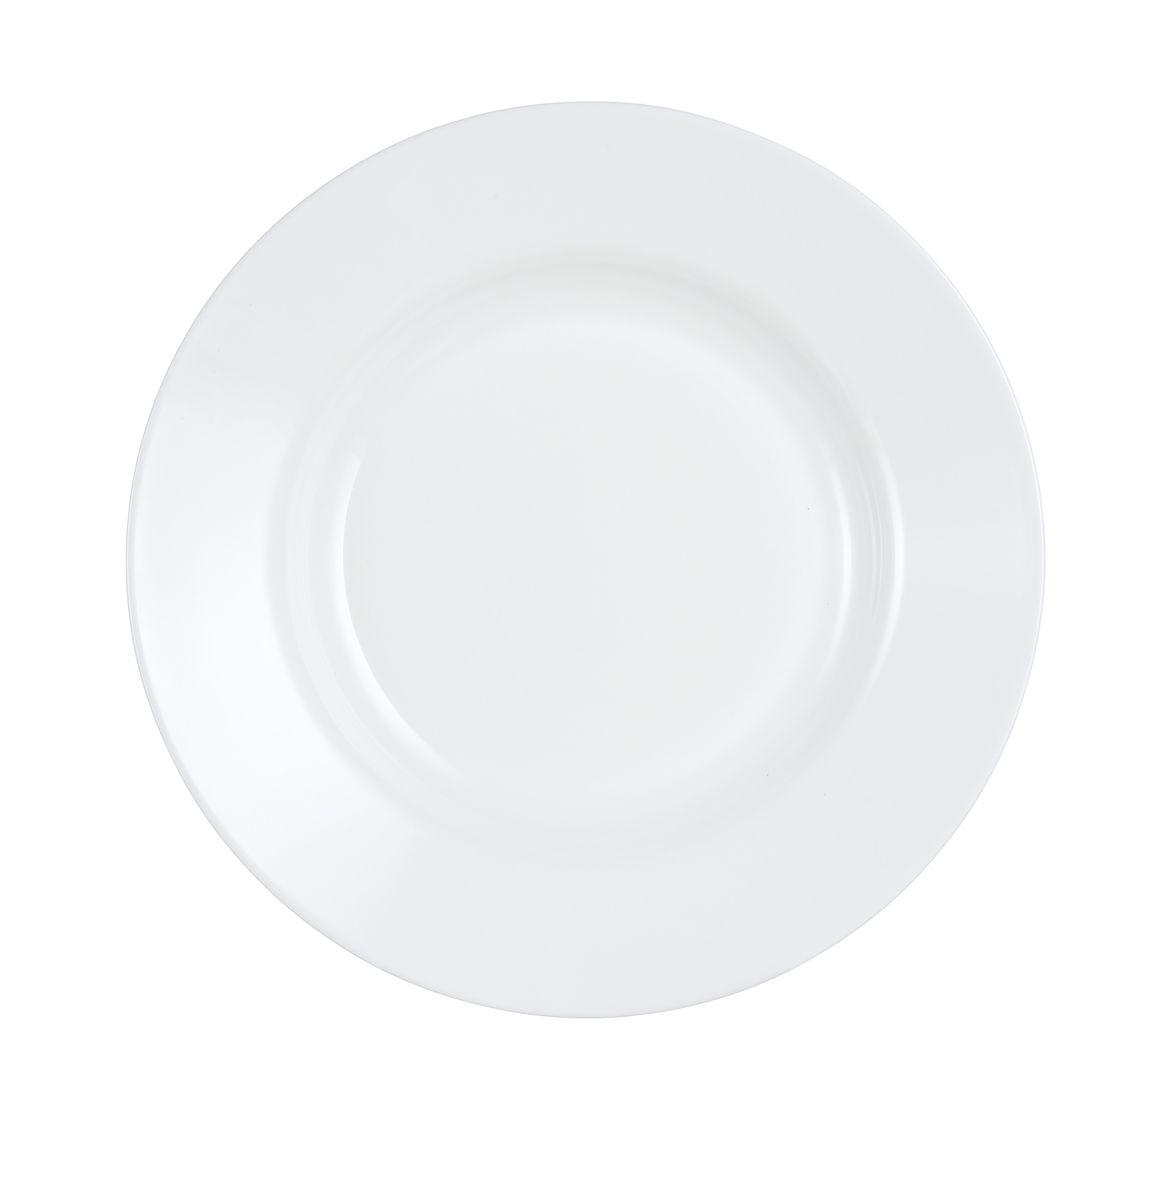 Тарелка глубокая Luminarc Everyday, 22 х 22 смG0563Глубокая тарелка Luminarc Everyday выполнена из ударопрочного стекла и оформлена в классическом стиле. Изделие сочетает в себе изысканный дизайн с максимальной функциональностью. Она прекрасно впишется в интерьер вашей кухни и станет достойным дополнением к кухонному инвентарю.Тарелка Luminarc Everyday подчеркнет прекрасный вкус хозяйки и станет отличным подарком.Размер (по верхнему краю): 22 х 22 см.